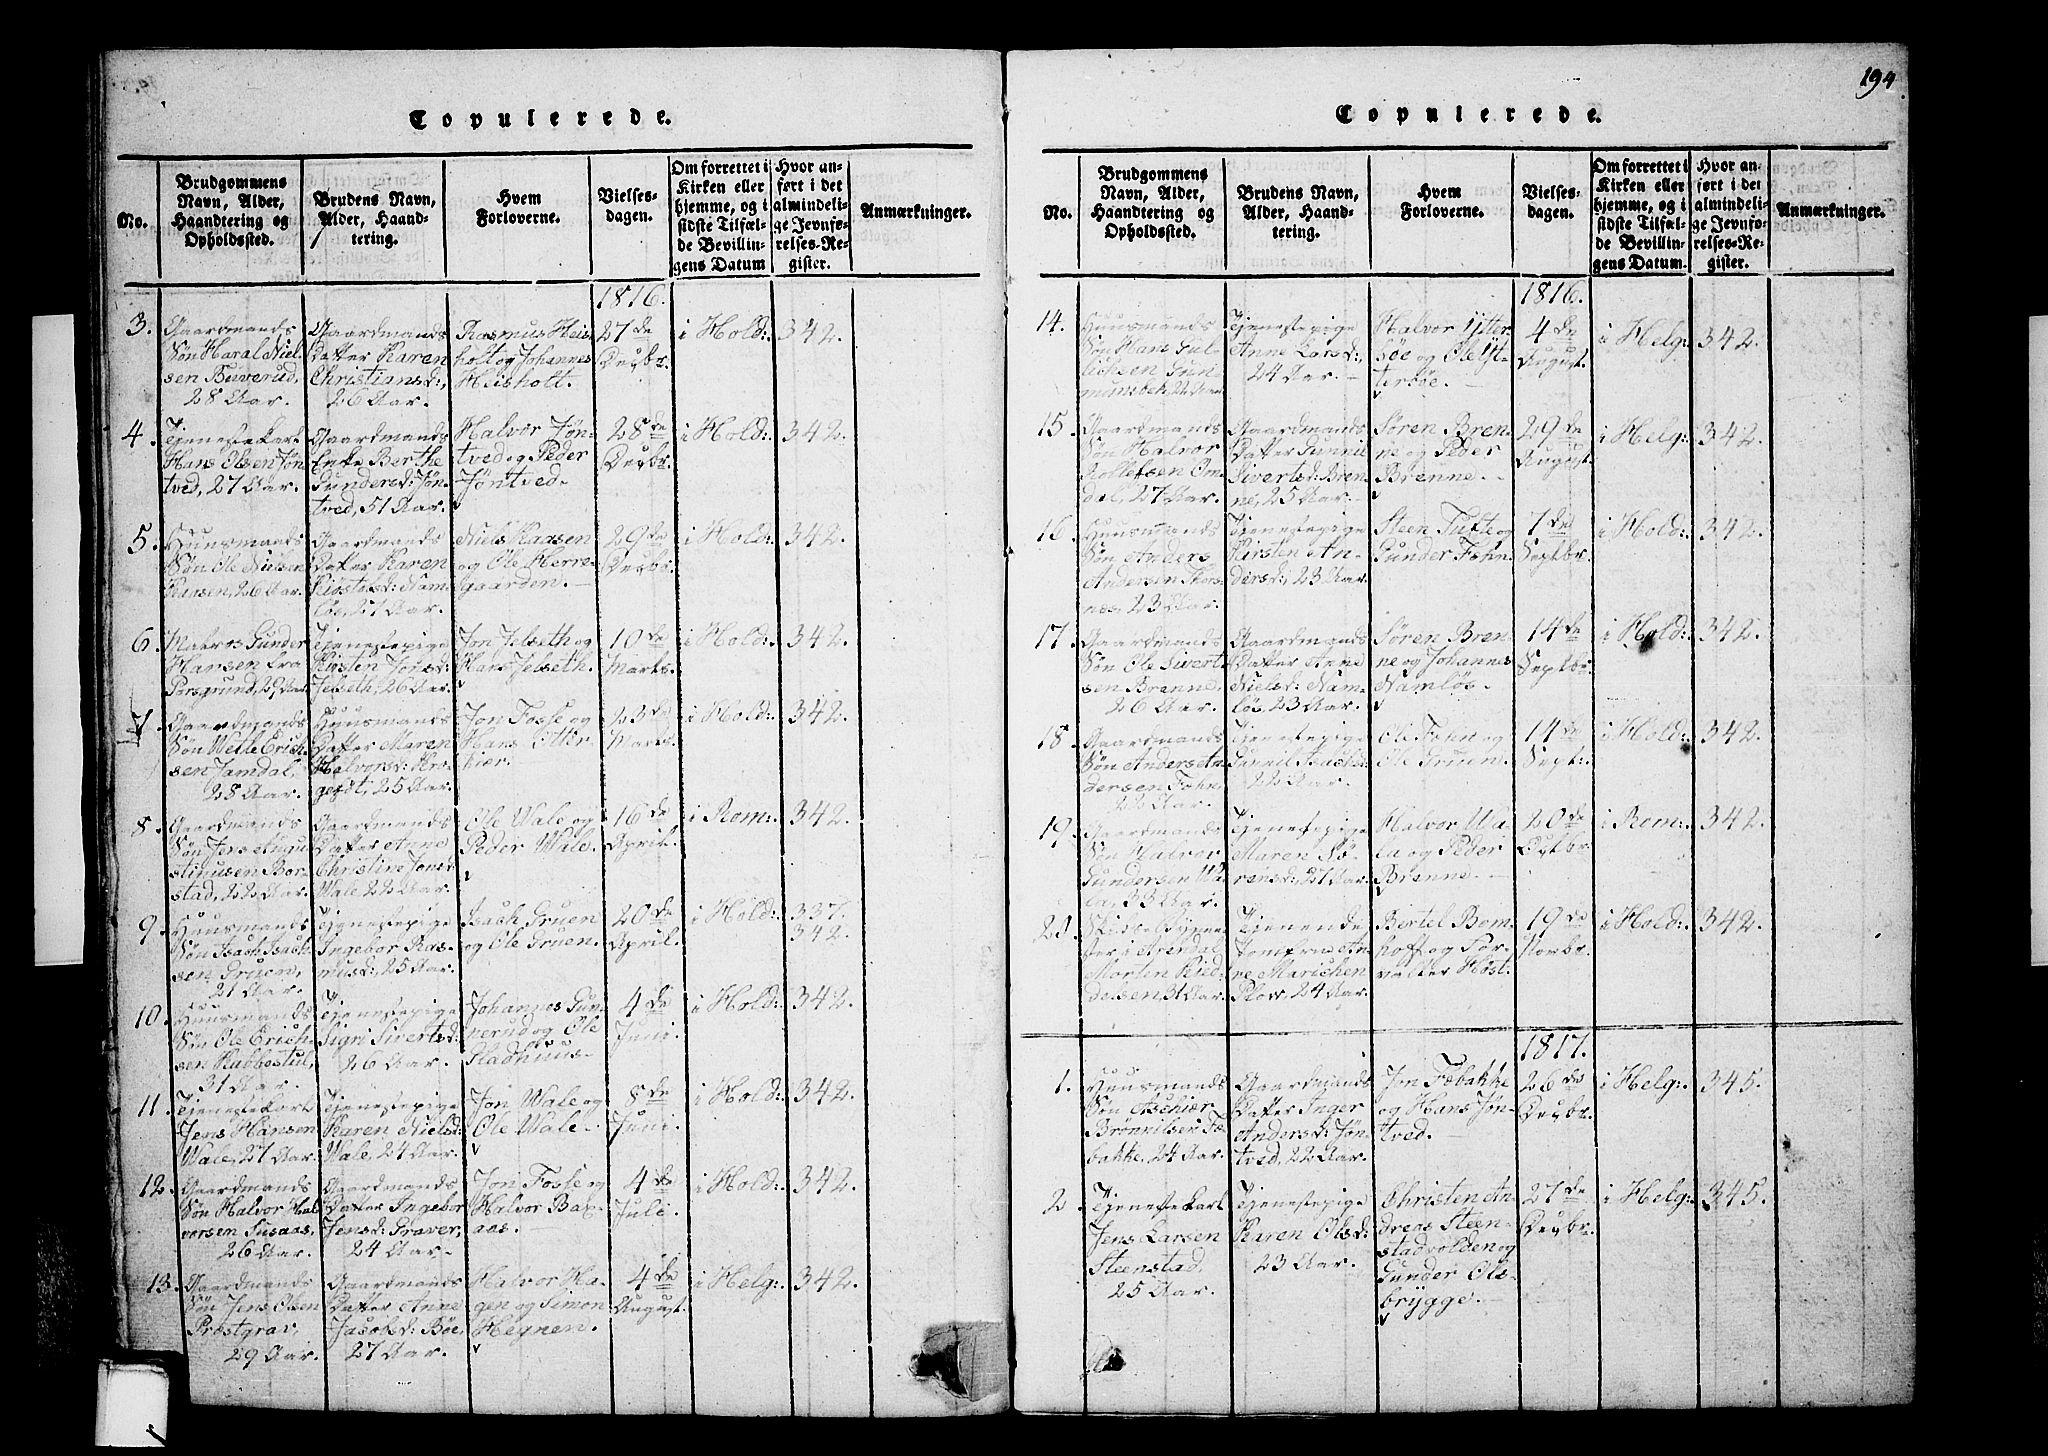 SAKO, Holla kirkebøker, G/Ga/L0001: Klokkerbok nr. I 1, 1814-1830, s. 194